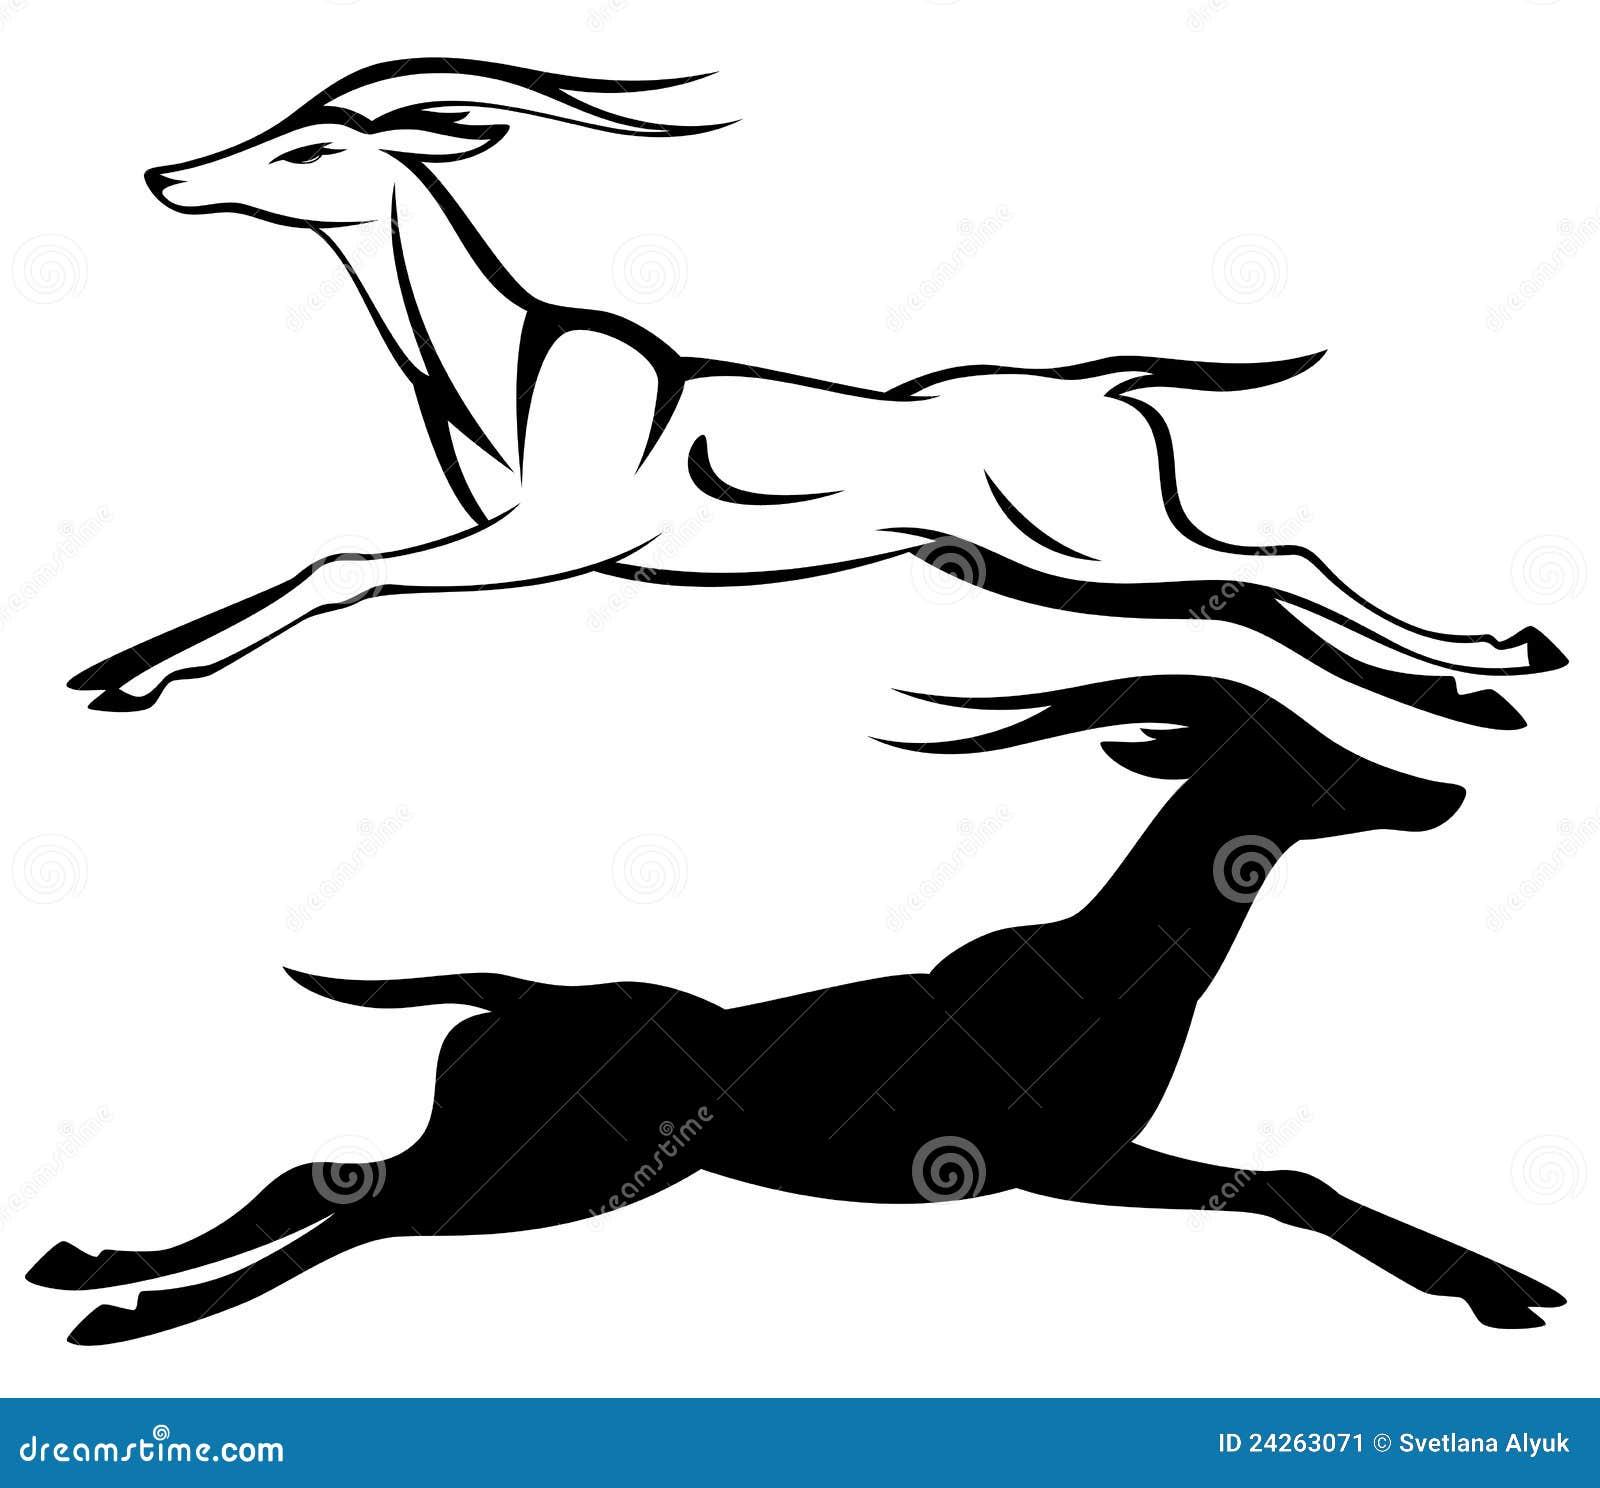 Running antelope black and white outline